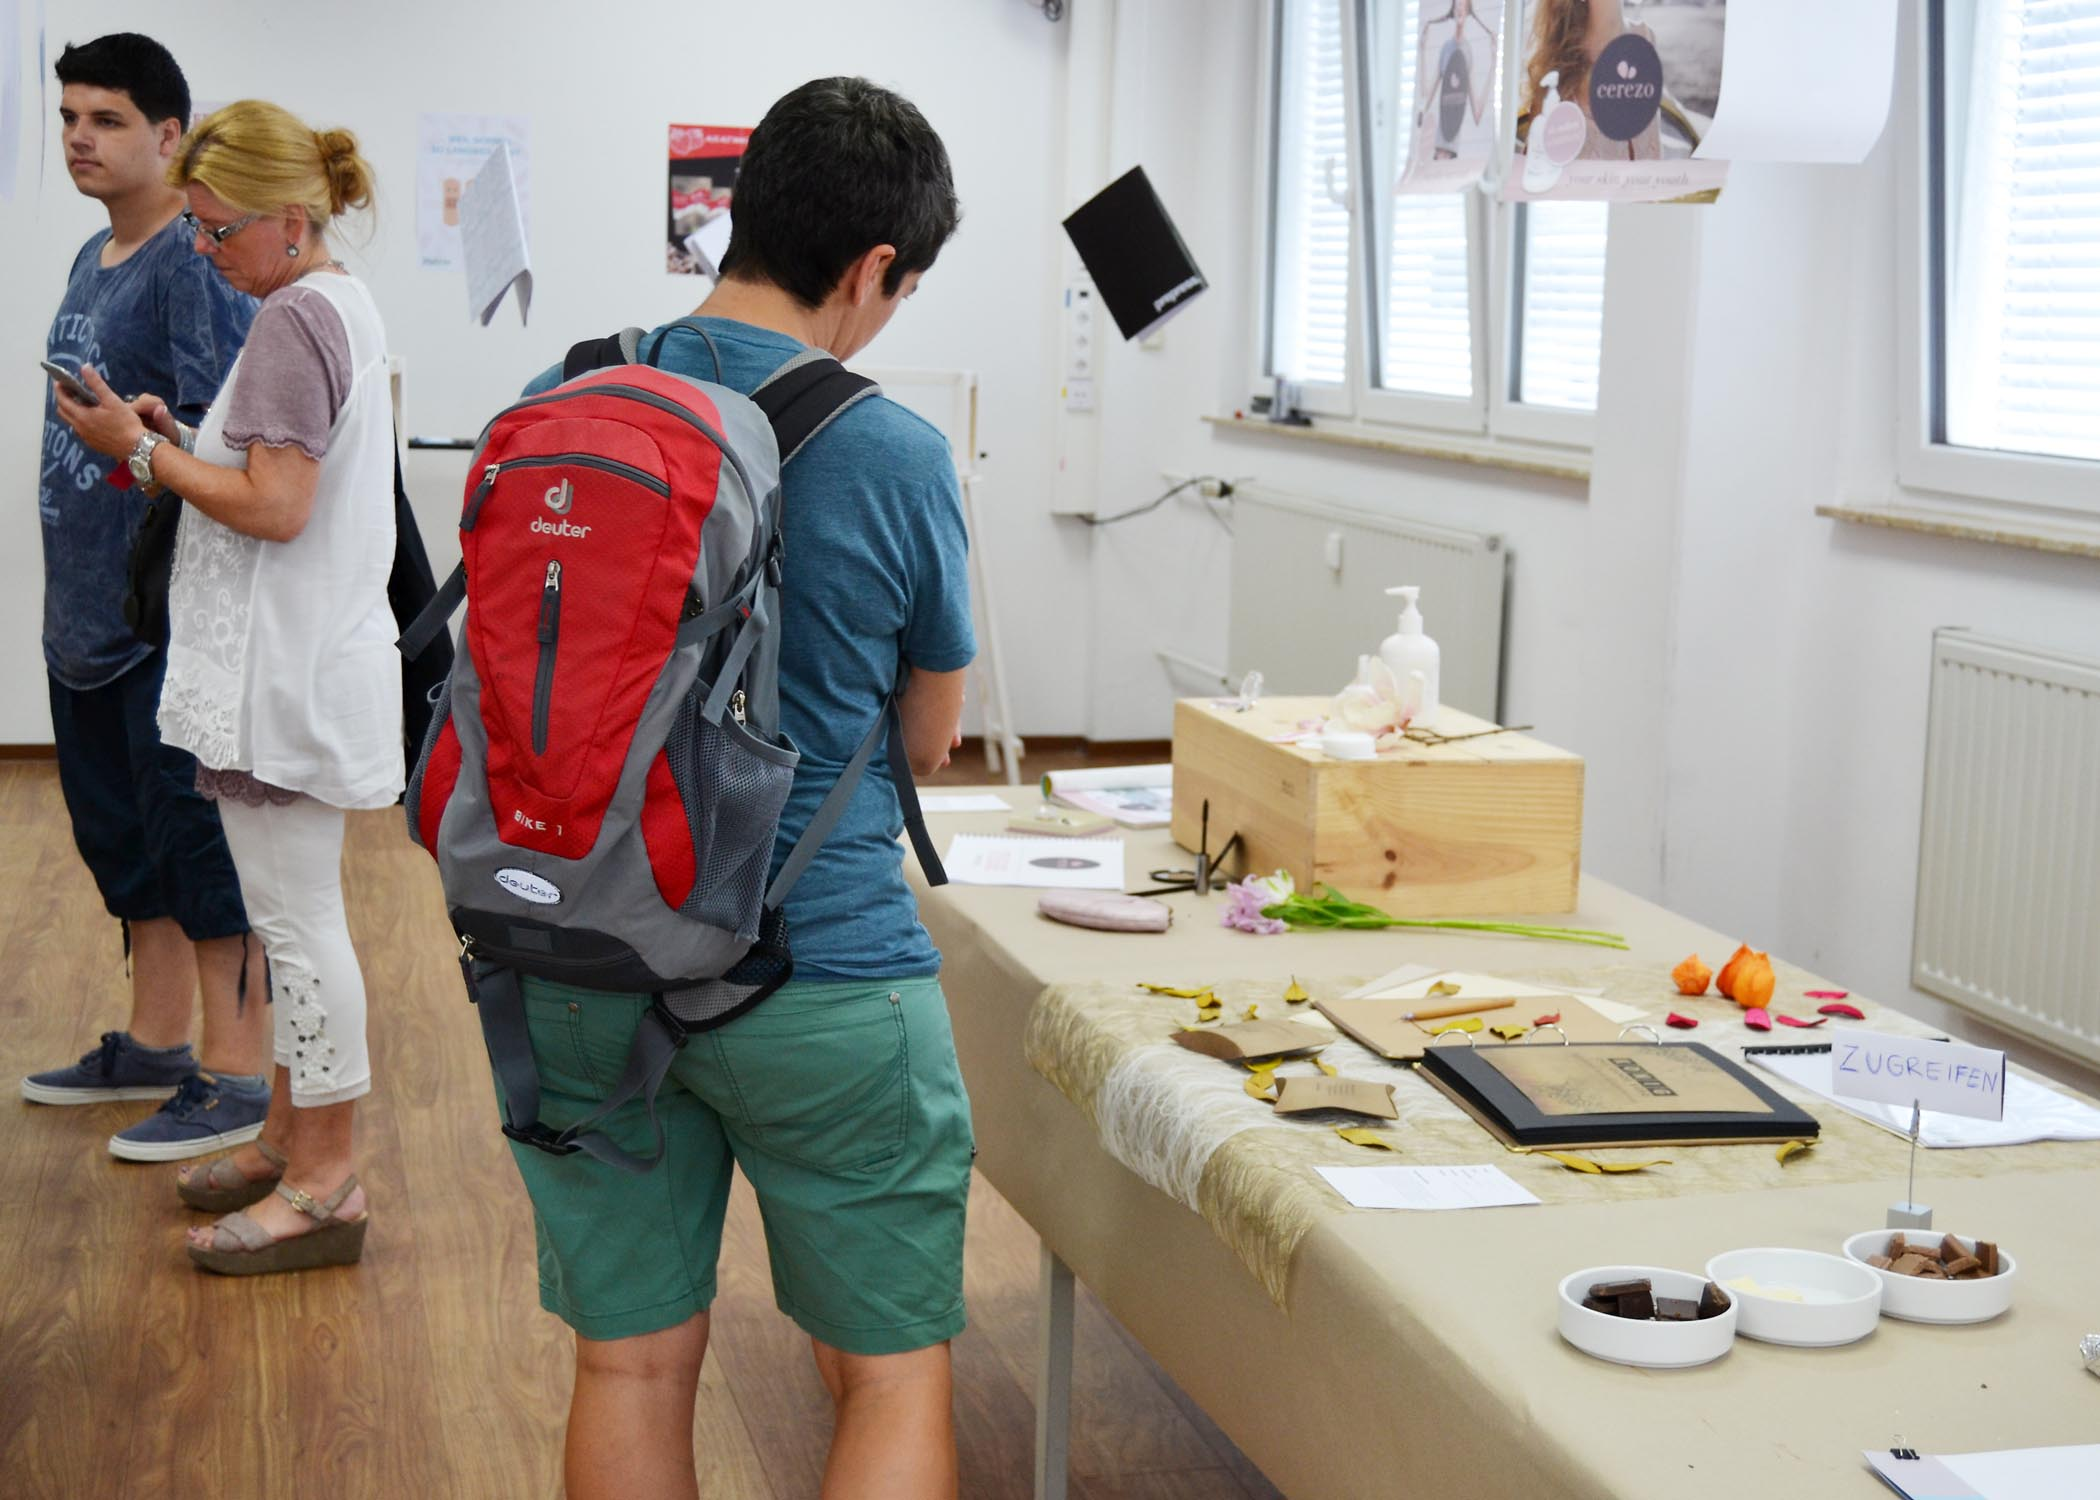 In diesem Raum sind Arbeiten ausgestellt, die im Unterricht der Lehrenden Prof. Dr. M. Schröppel, I. Kalvelage und H. Lemke entstanden sind.